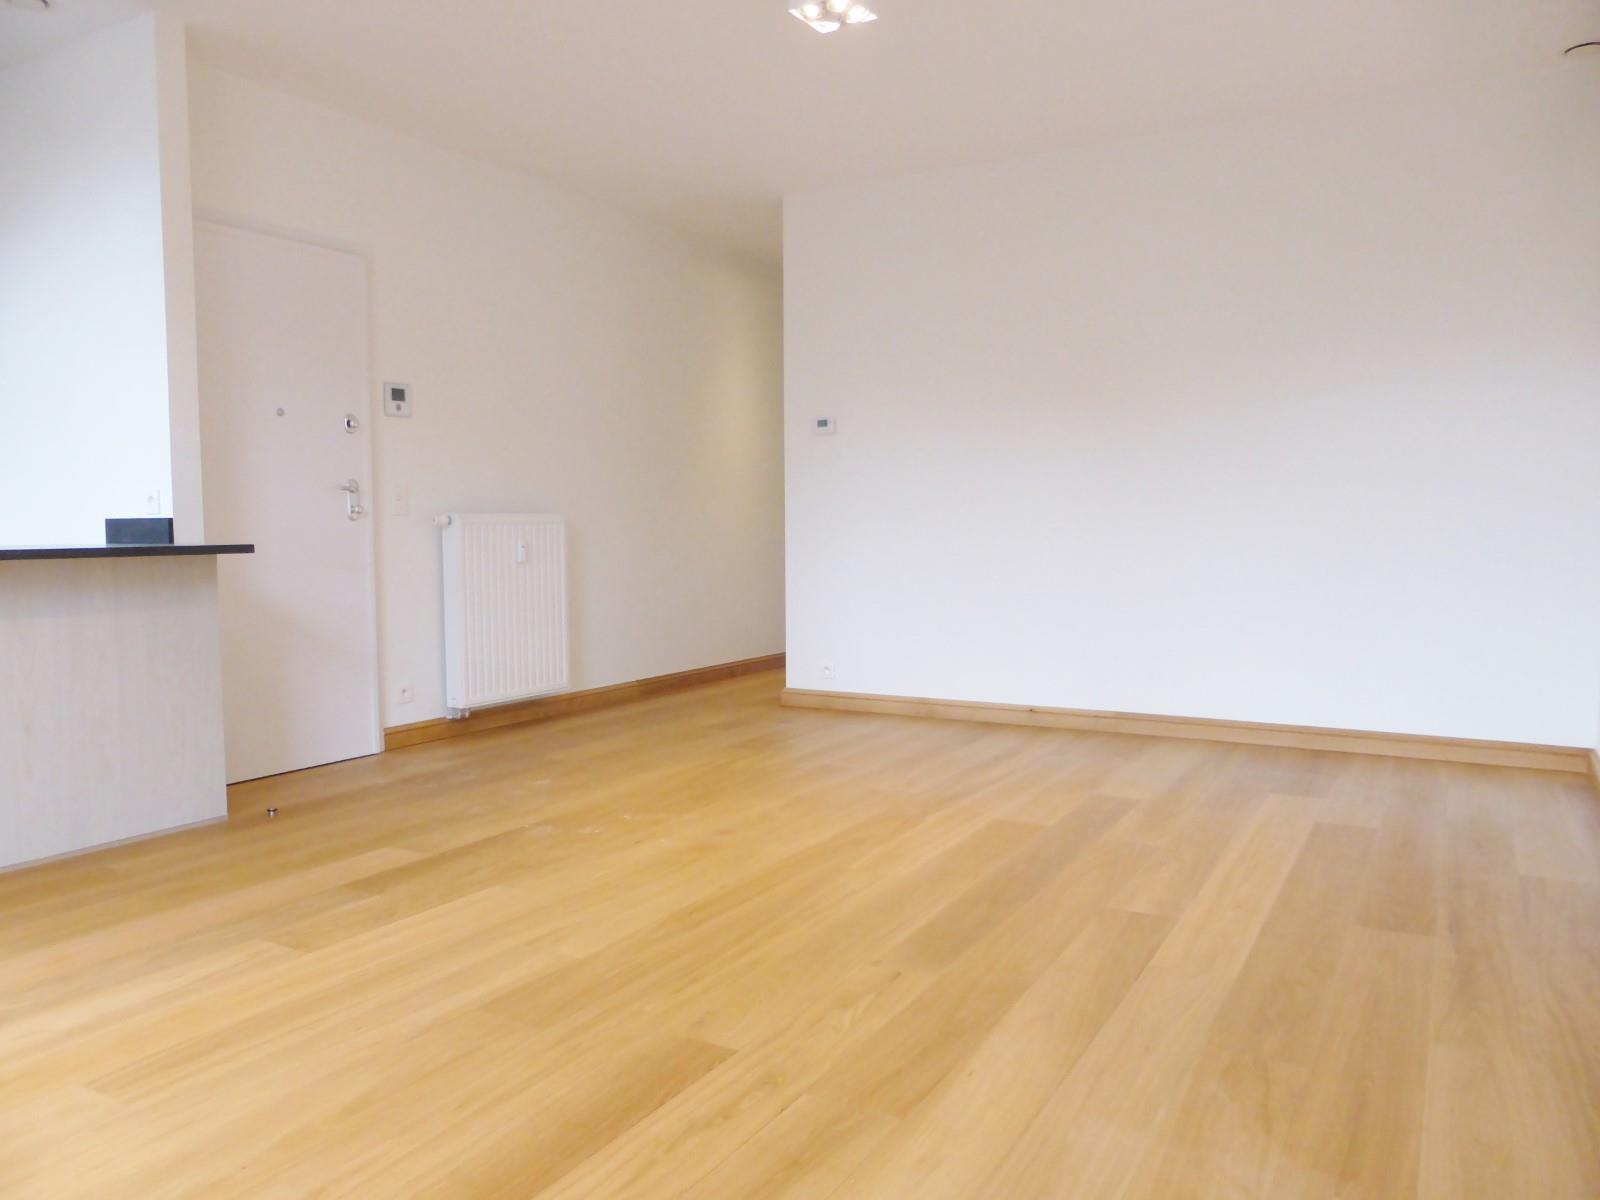 Appartement exceptionnel - Bruxelles - #4056384-31